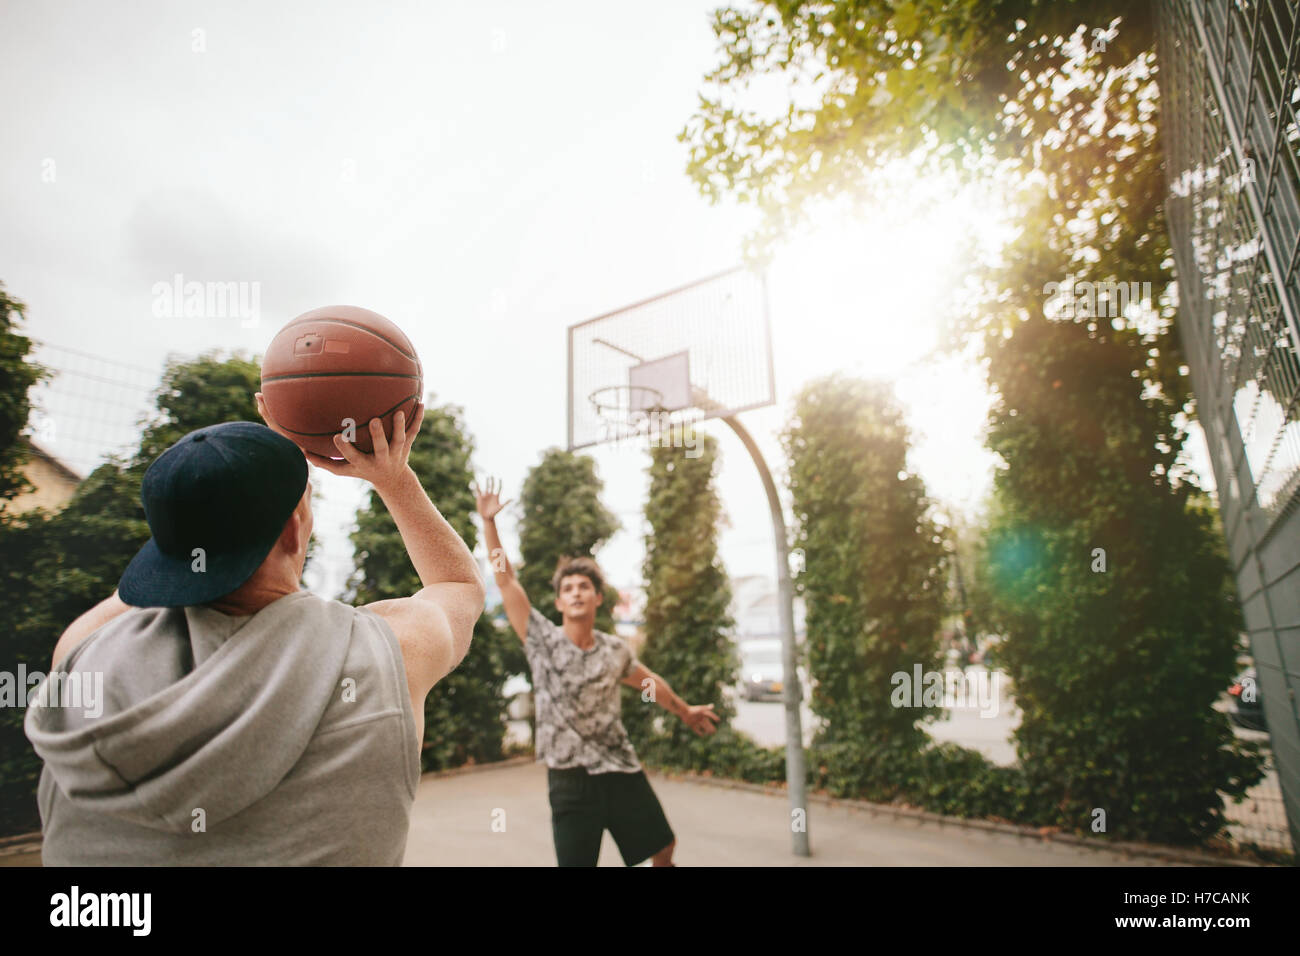 Streetball Spieler auf Platz Basketball zu spielen. Junger Kerl nehmen erschossen in den Korb mit Freund blockieren. Stockbild